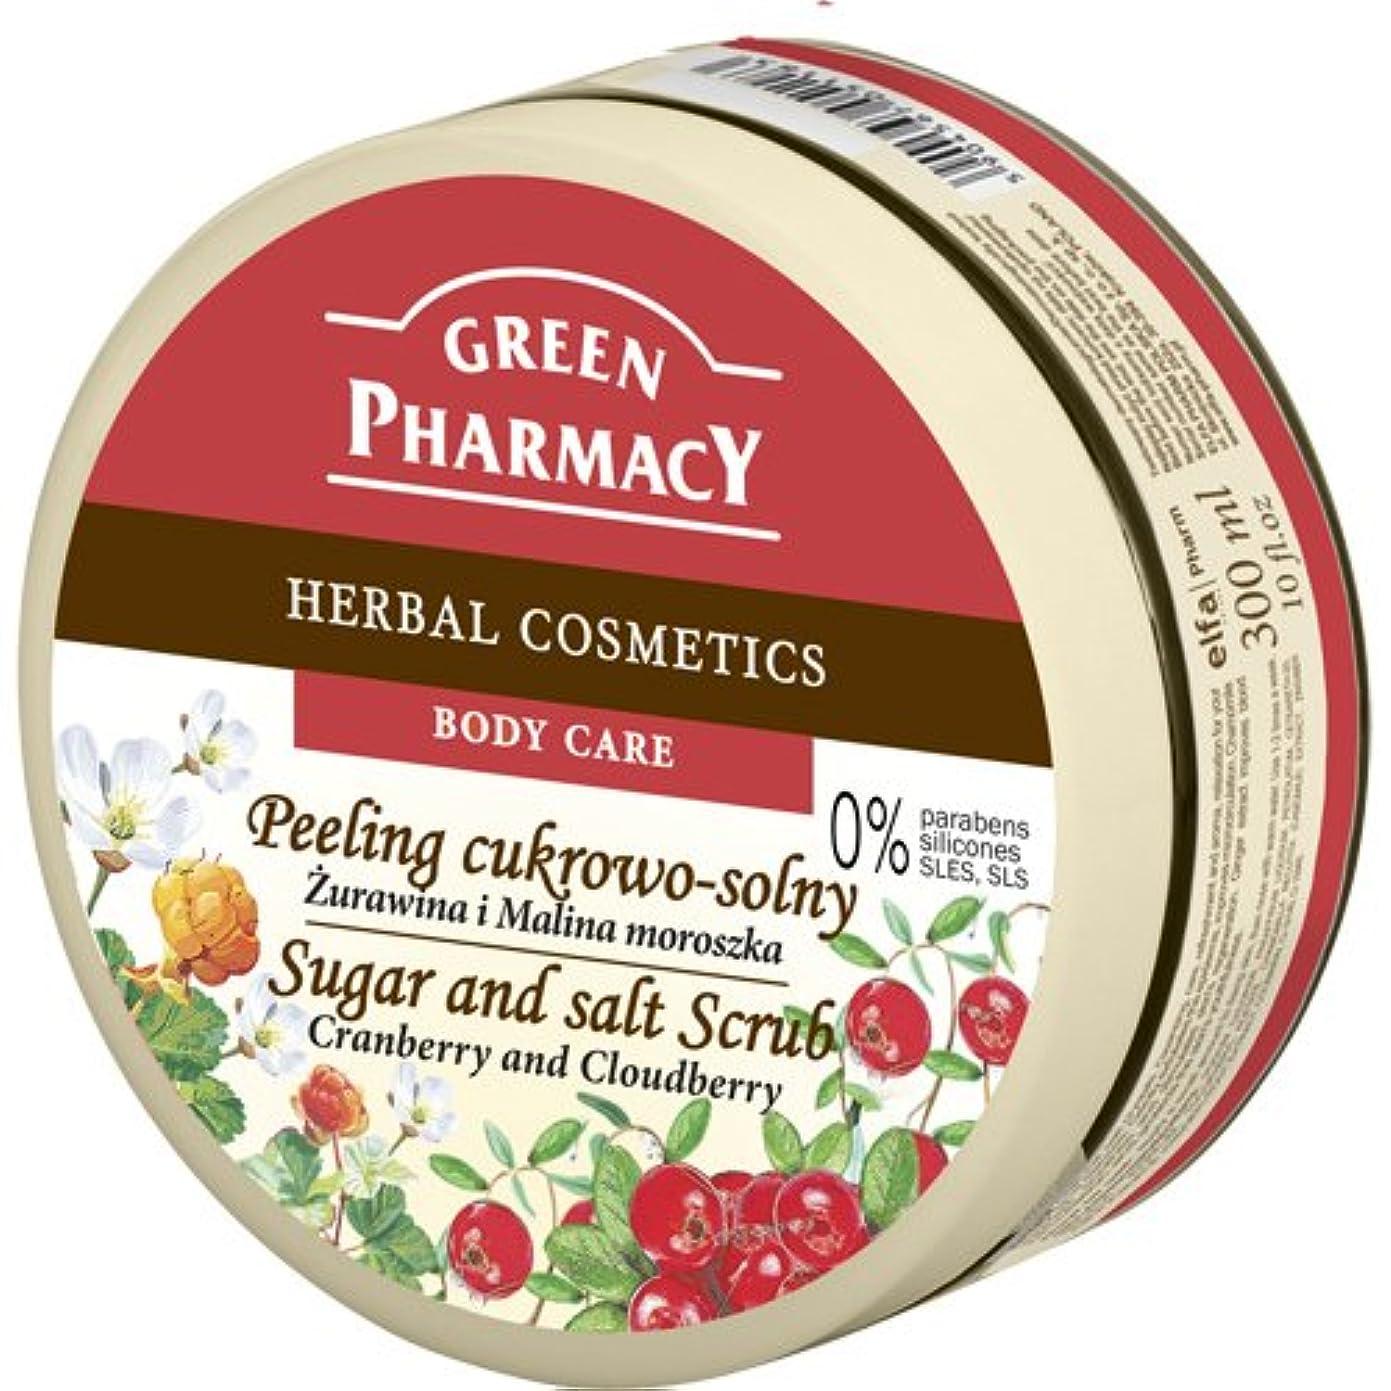 ナサニエル区半円ライバルElfa Pharm Green Pharmacy シュガー&ソルトスクラブ Cranberry and Cloudberry